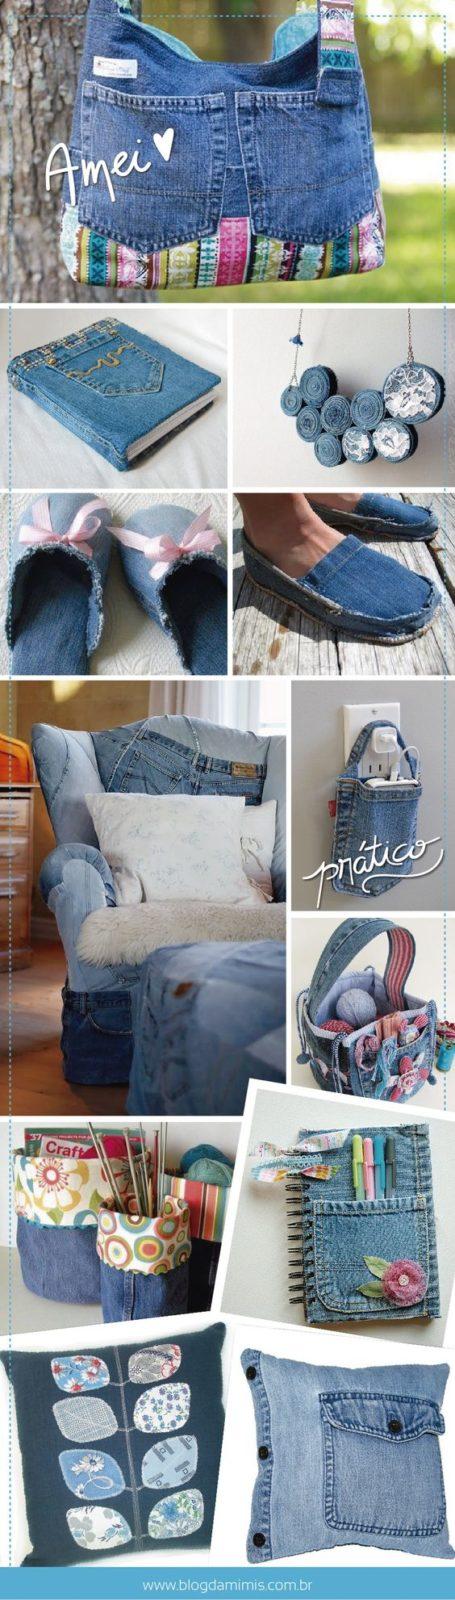 Что можно сделать из джинсов своими руками?